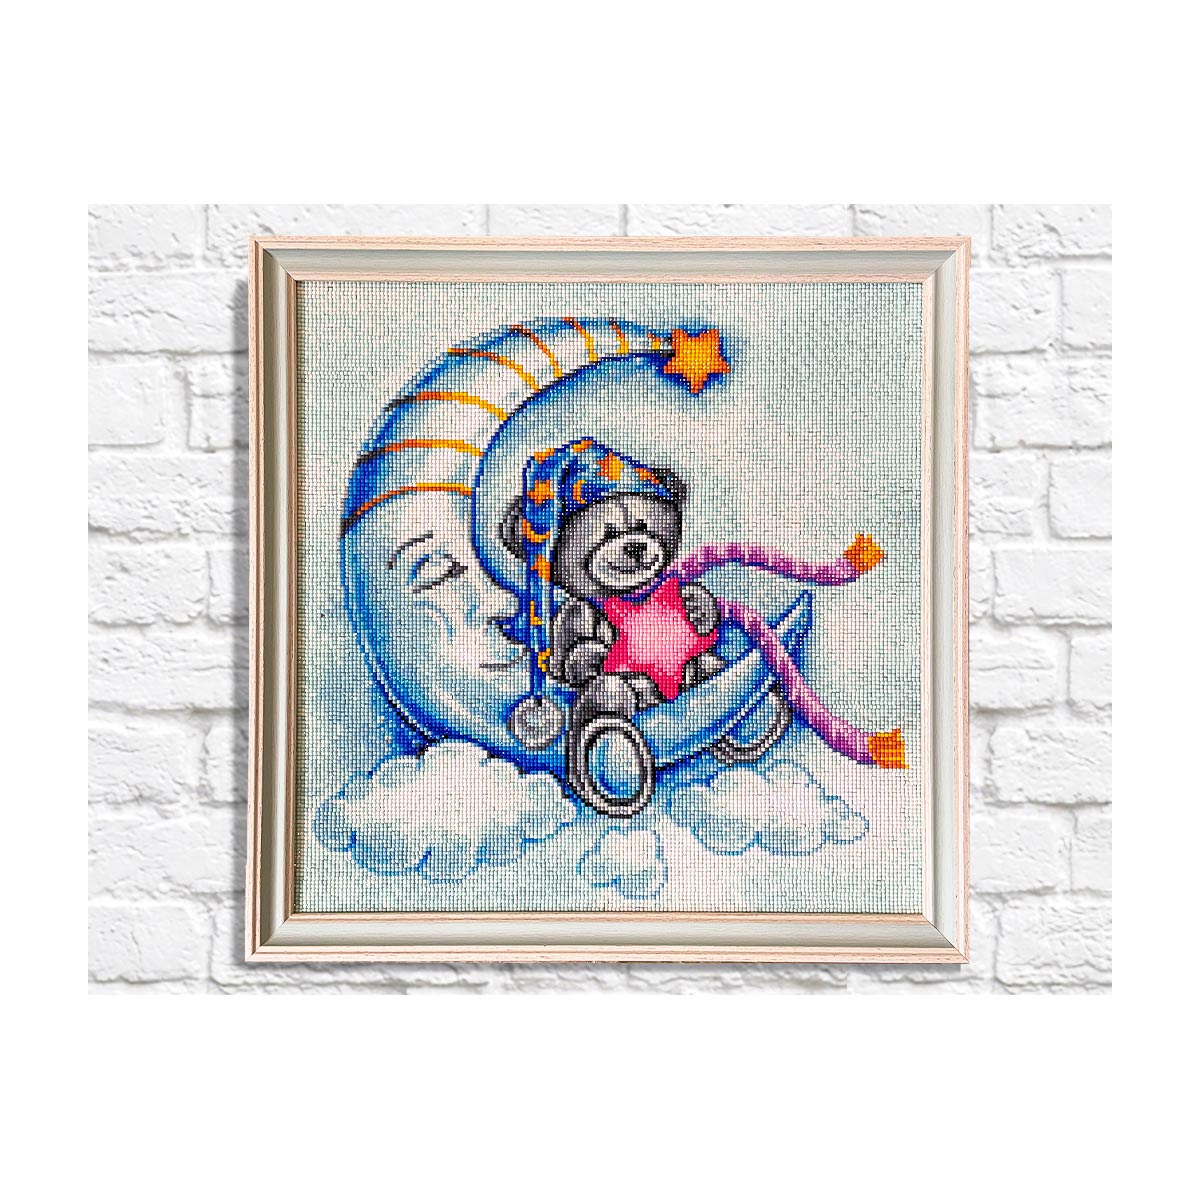 Ag 2578 Набор д/изготовления картин со стразами 'Сладкие сны' 40*40см Гранни